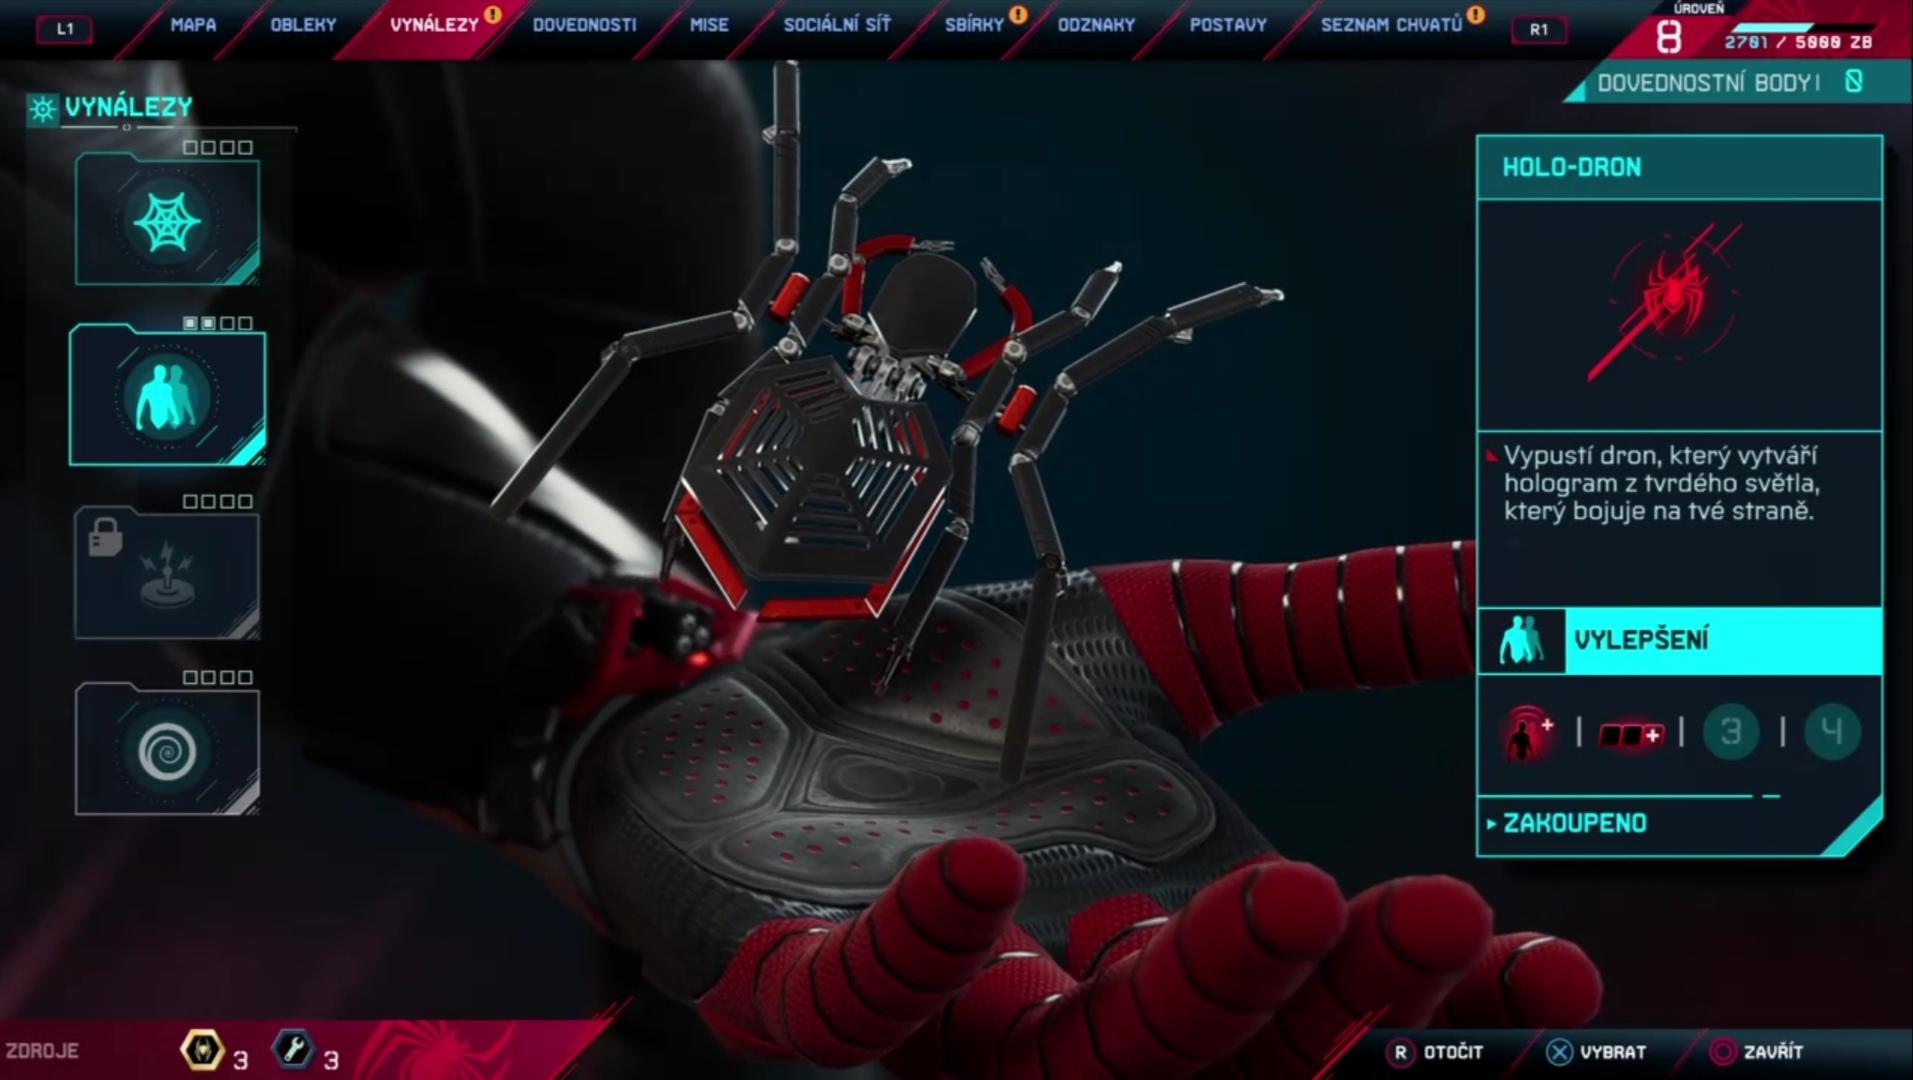 Hologram, diaľkovú míní či ťažiskovú bombu si počas hry obľúbite (Foto: Spider-Man Miles Morales)